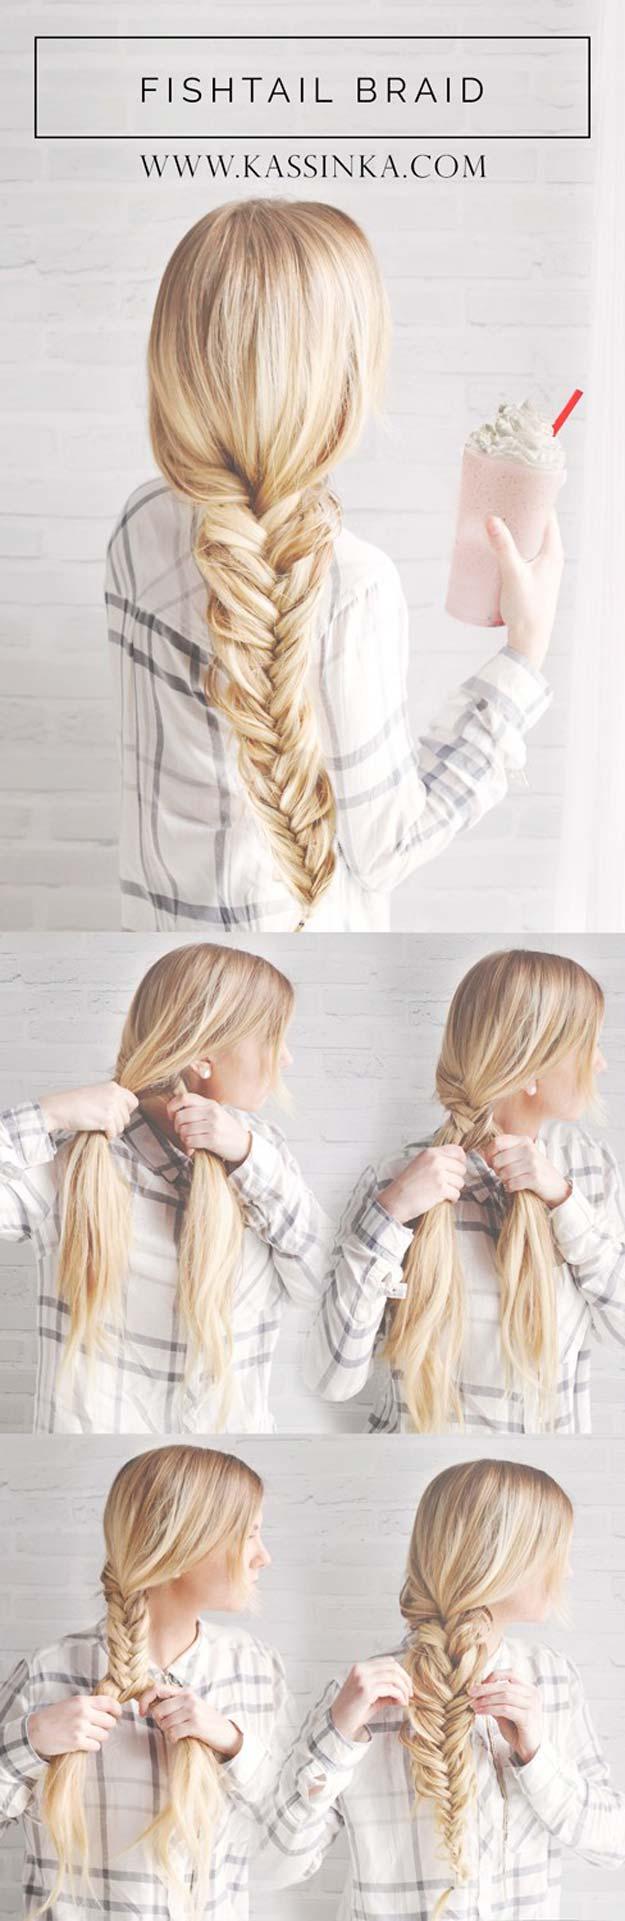 Simple Easy Step by Step Braid Tutorials